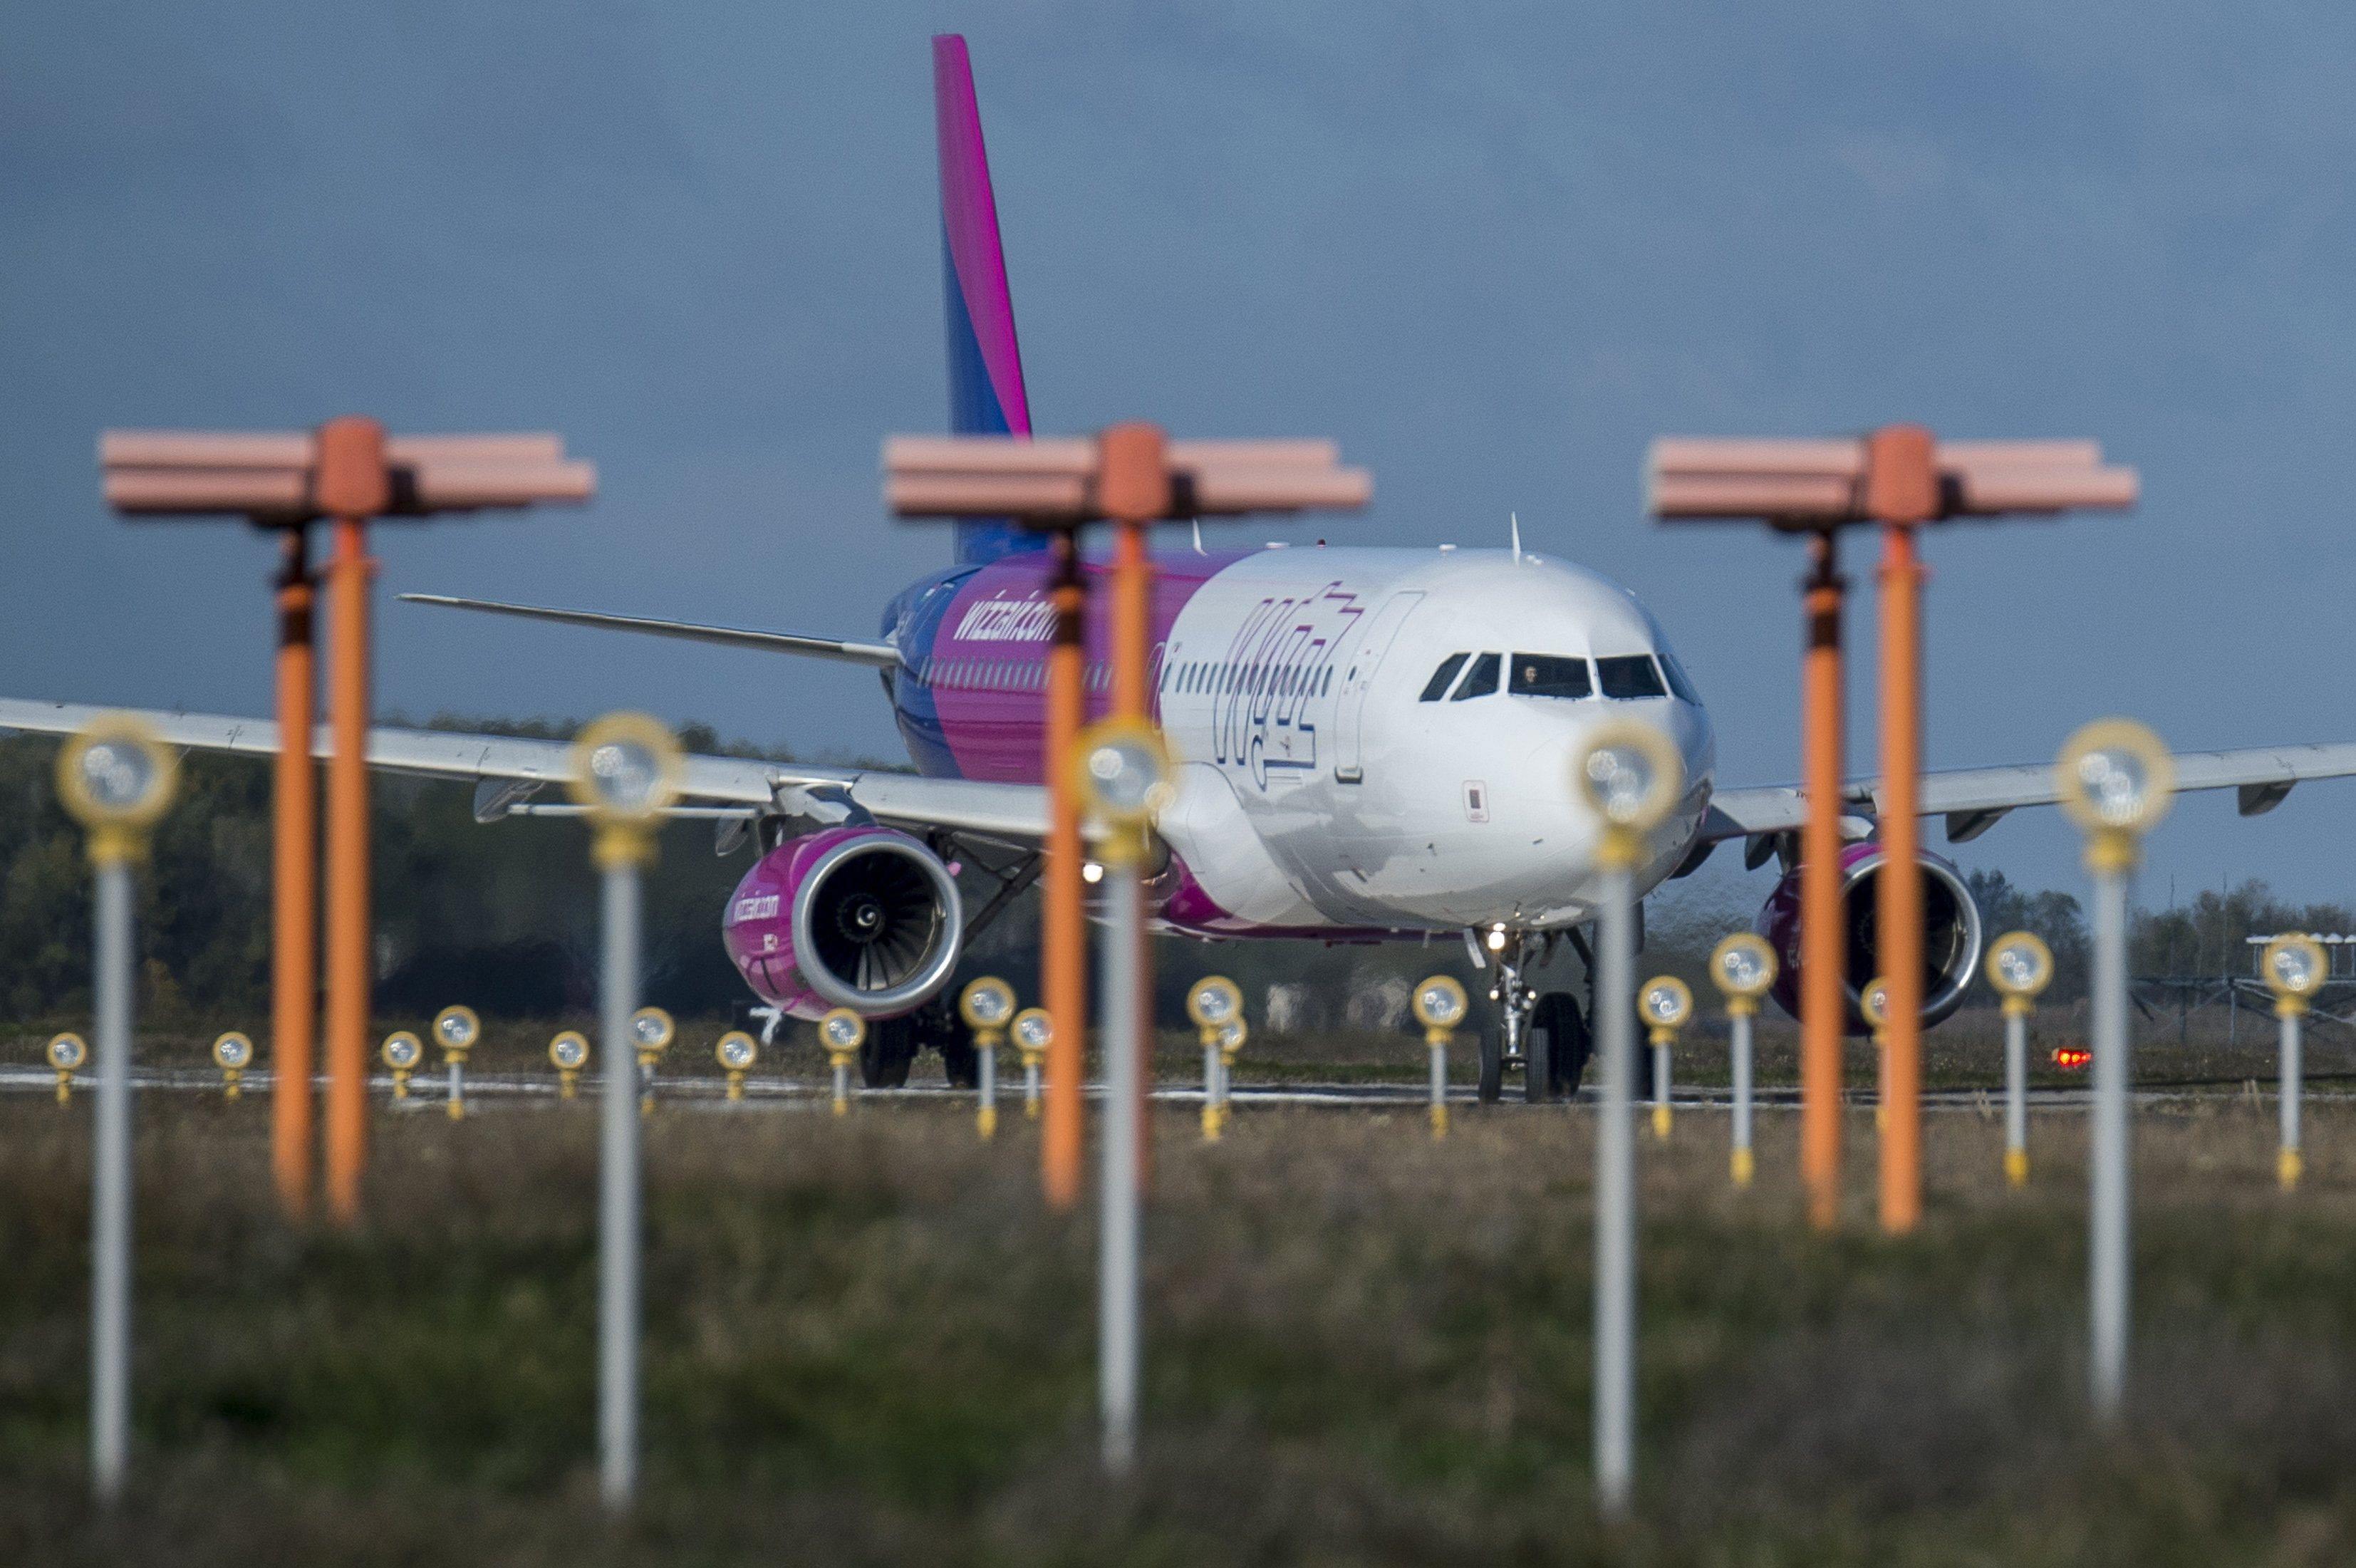 Kisebb gépet küldött a Wizzair Budapestre tartó utasokért, 50-en rekedtek Frankfurtban